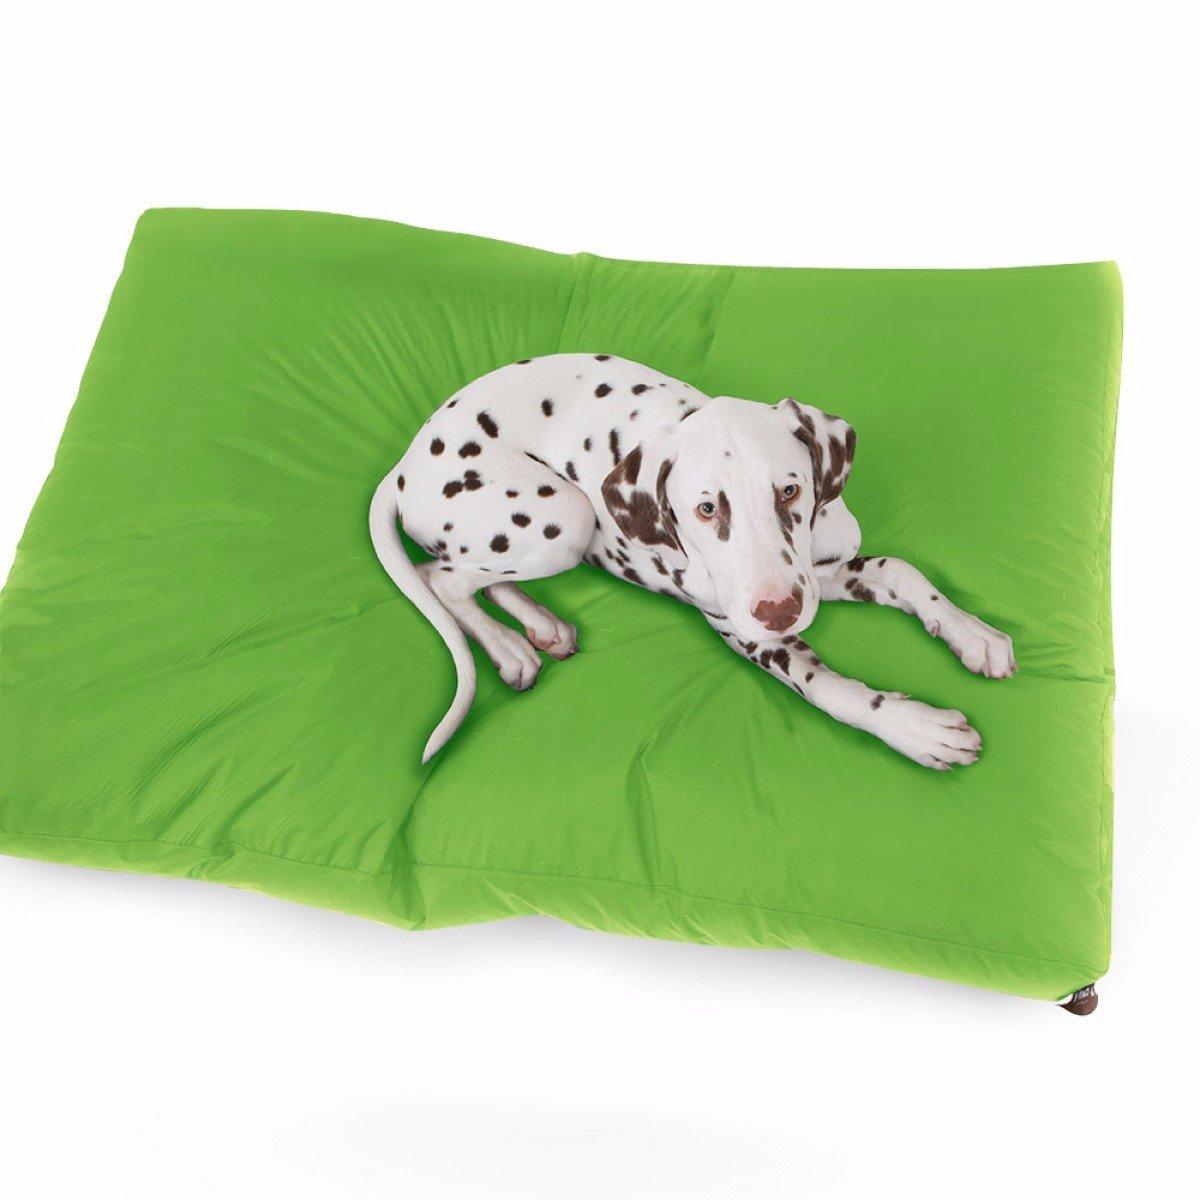 Rucomfy Bean Bag Trend - Cama para Mascotas, Color Verde Lima, 120 cm x 100 cm x 15 cm: Amazon.es: Hogar